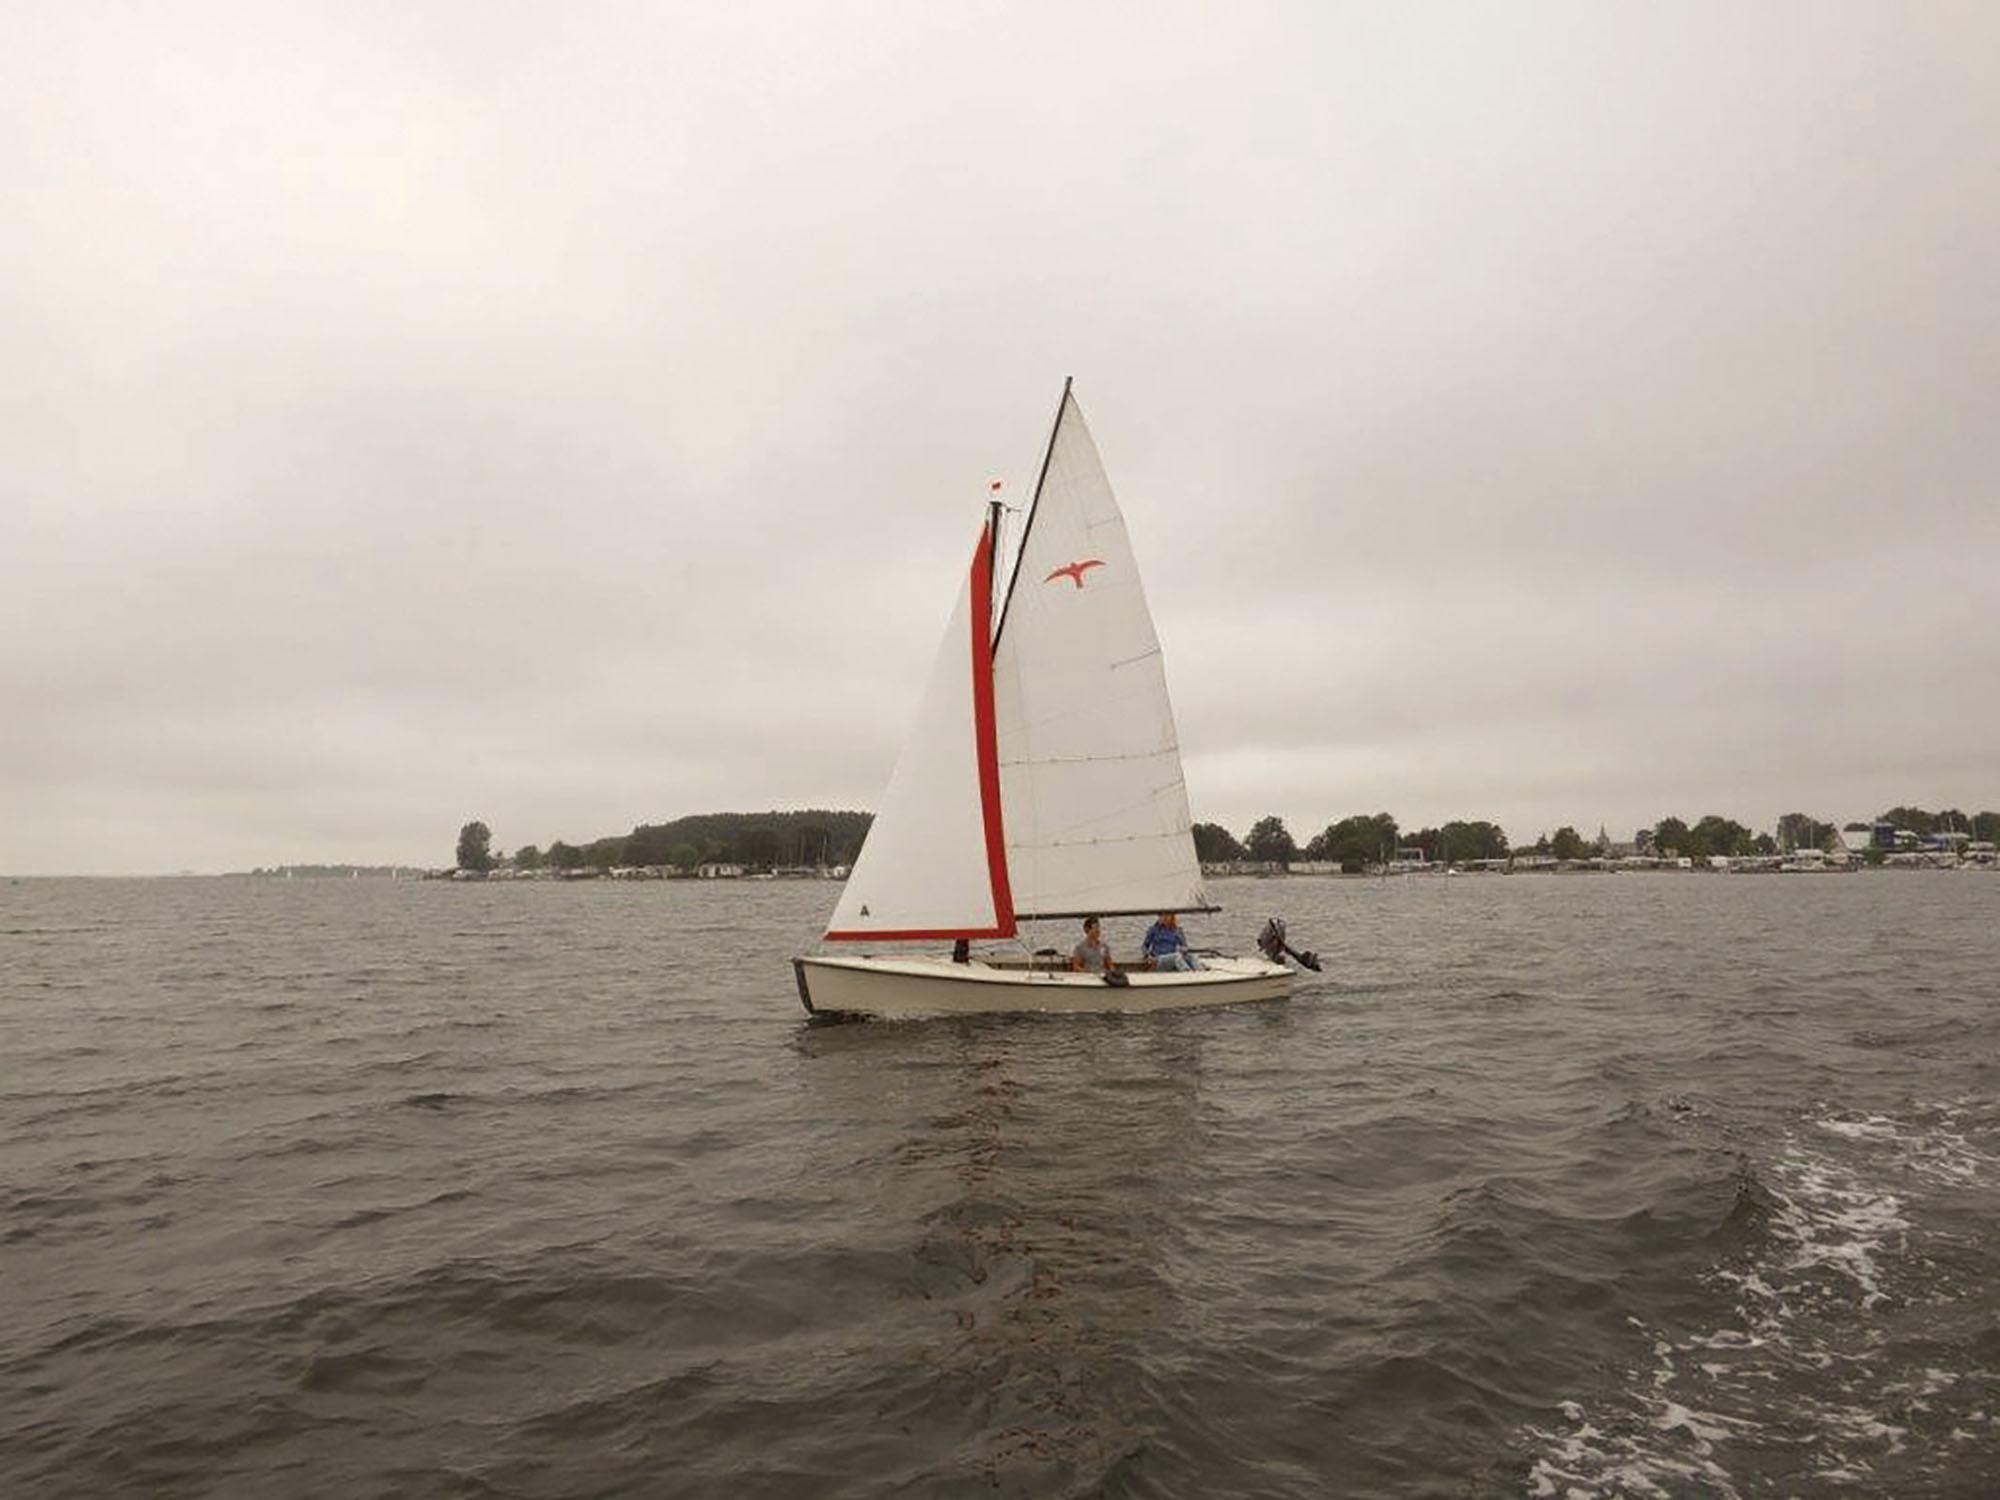 Een witte Valk huur zeilboot met 2 personen zeilend op het Veerse Meer bij Kortgene